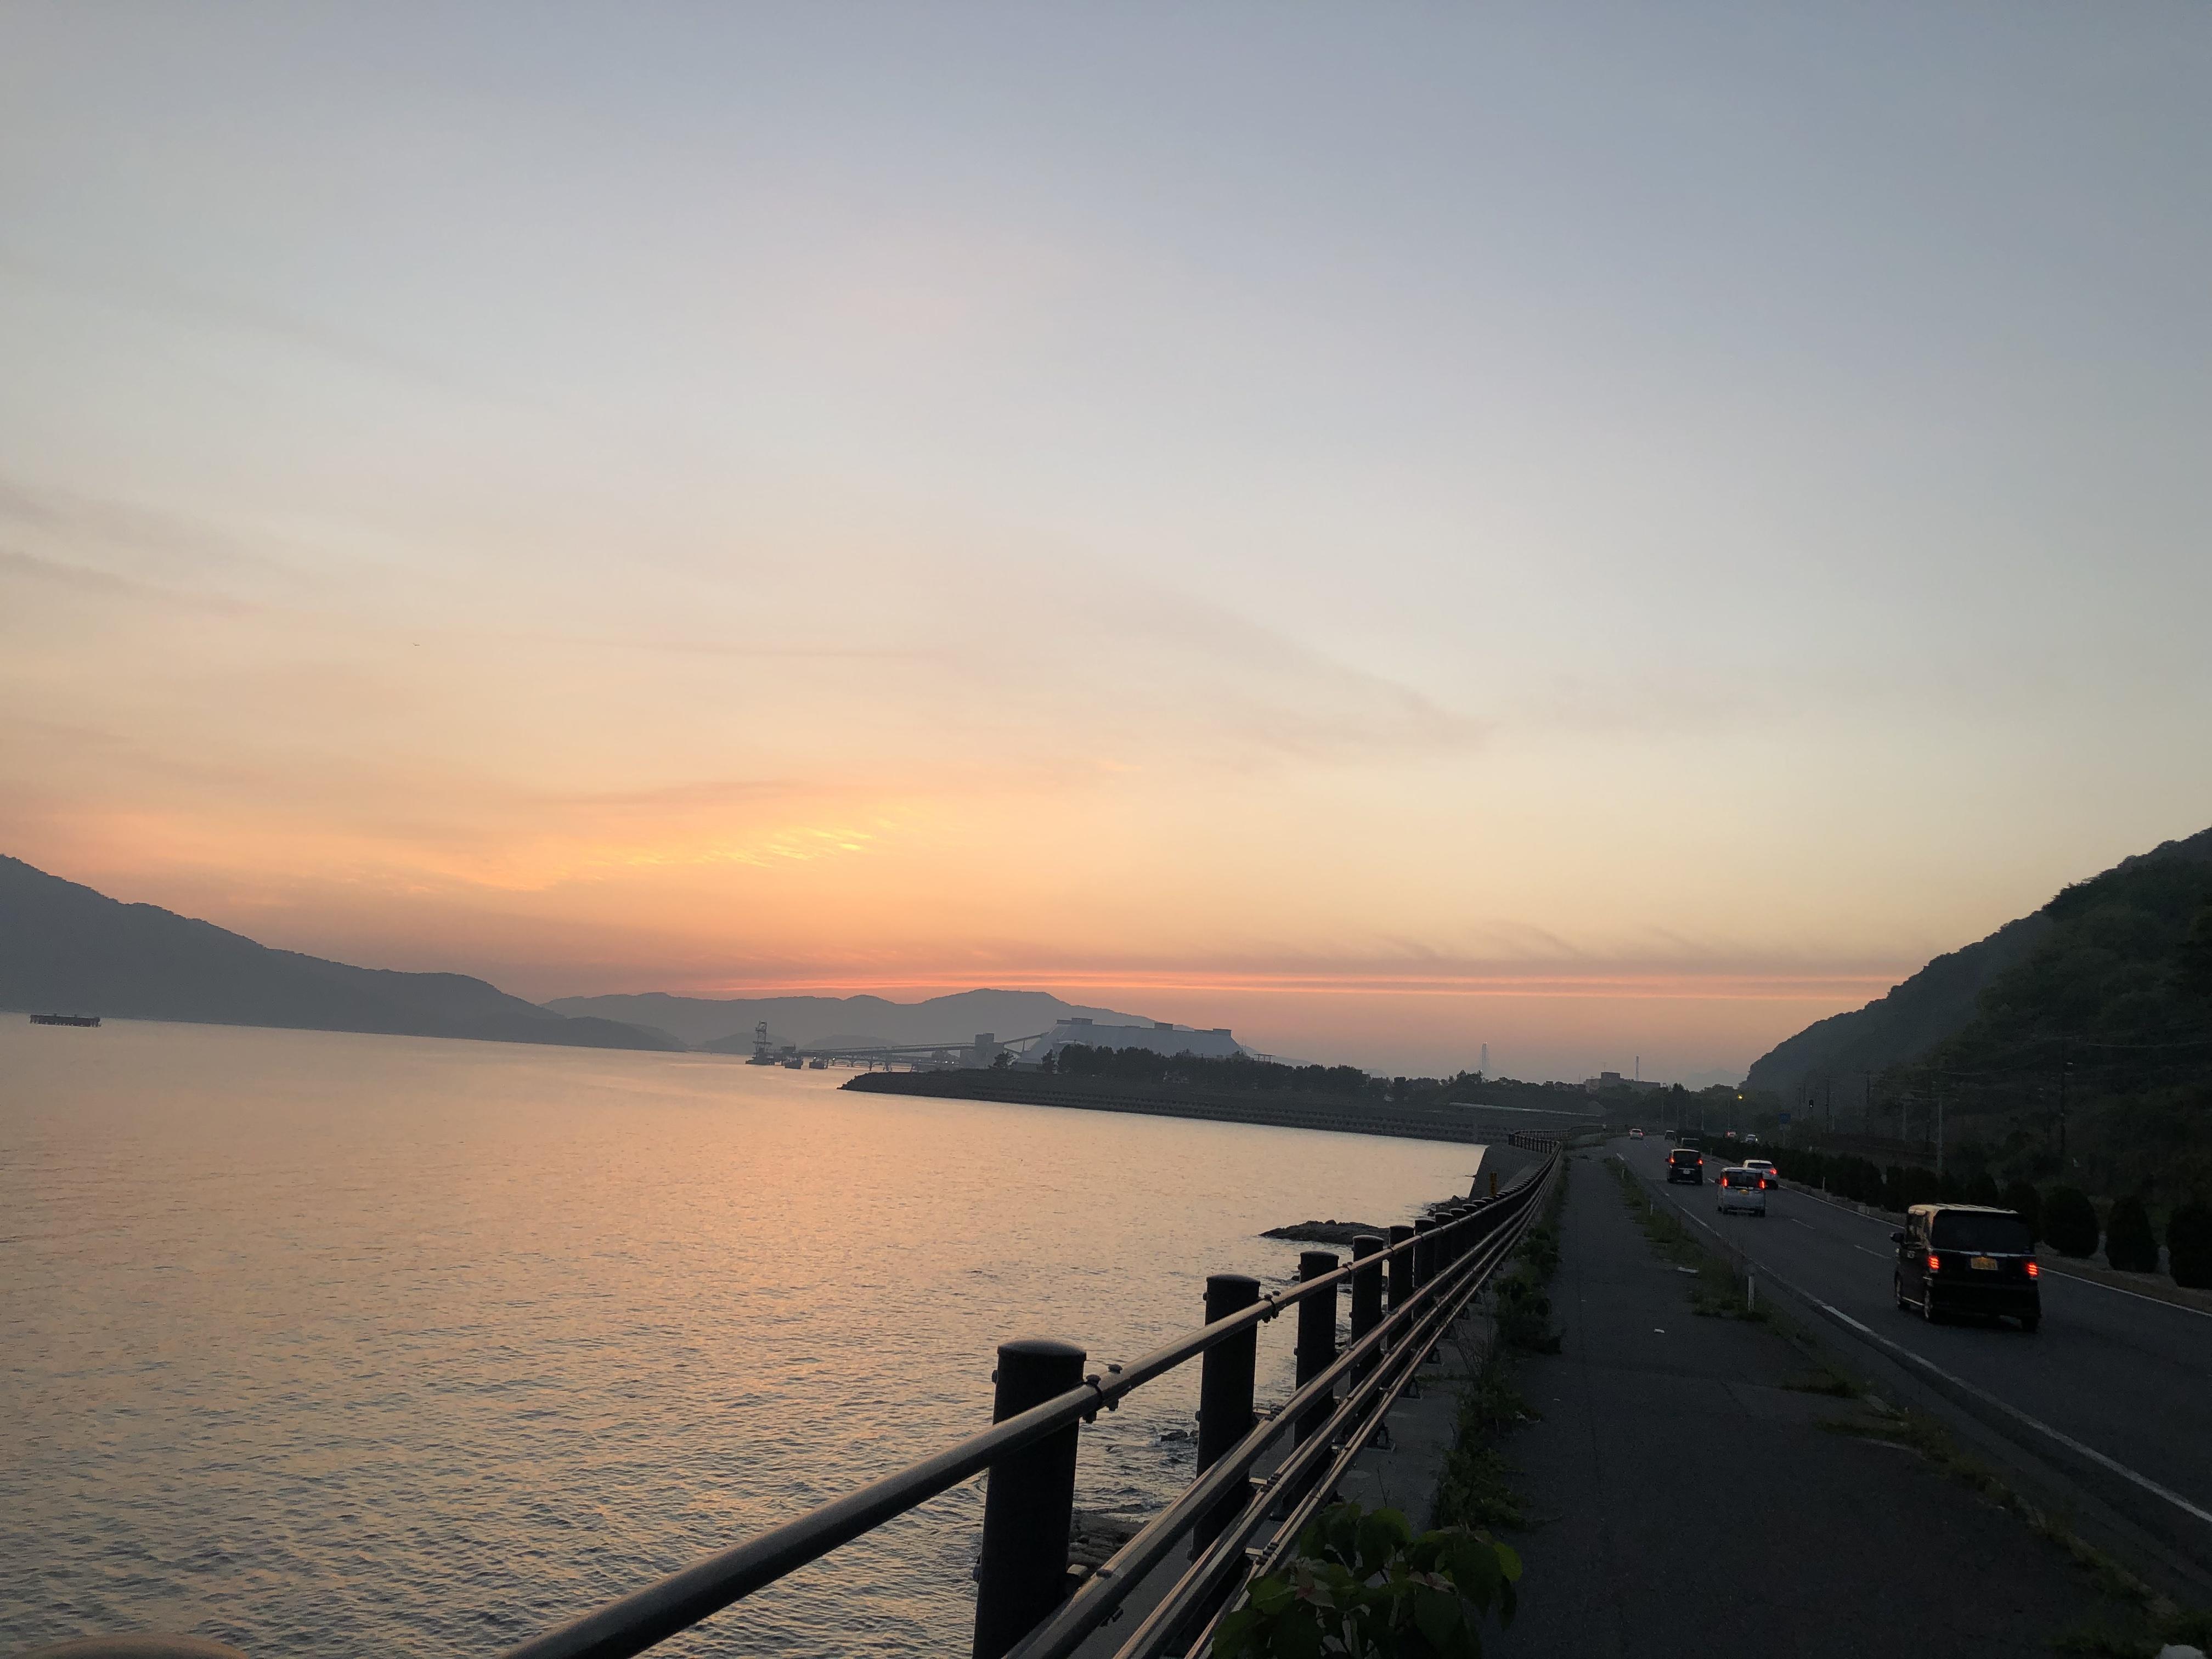 f:id:yoshimamo:20190503174915j:plain